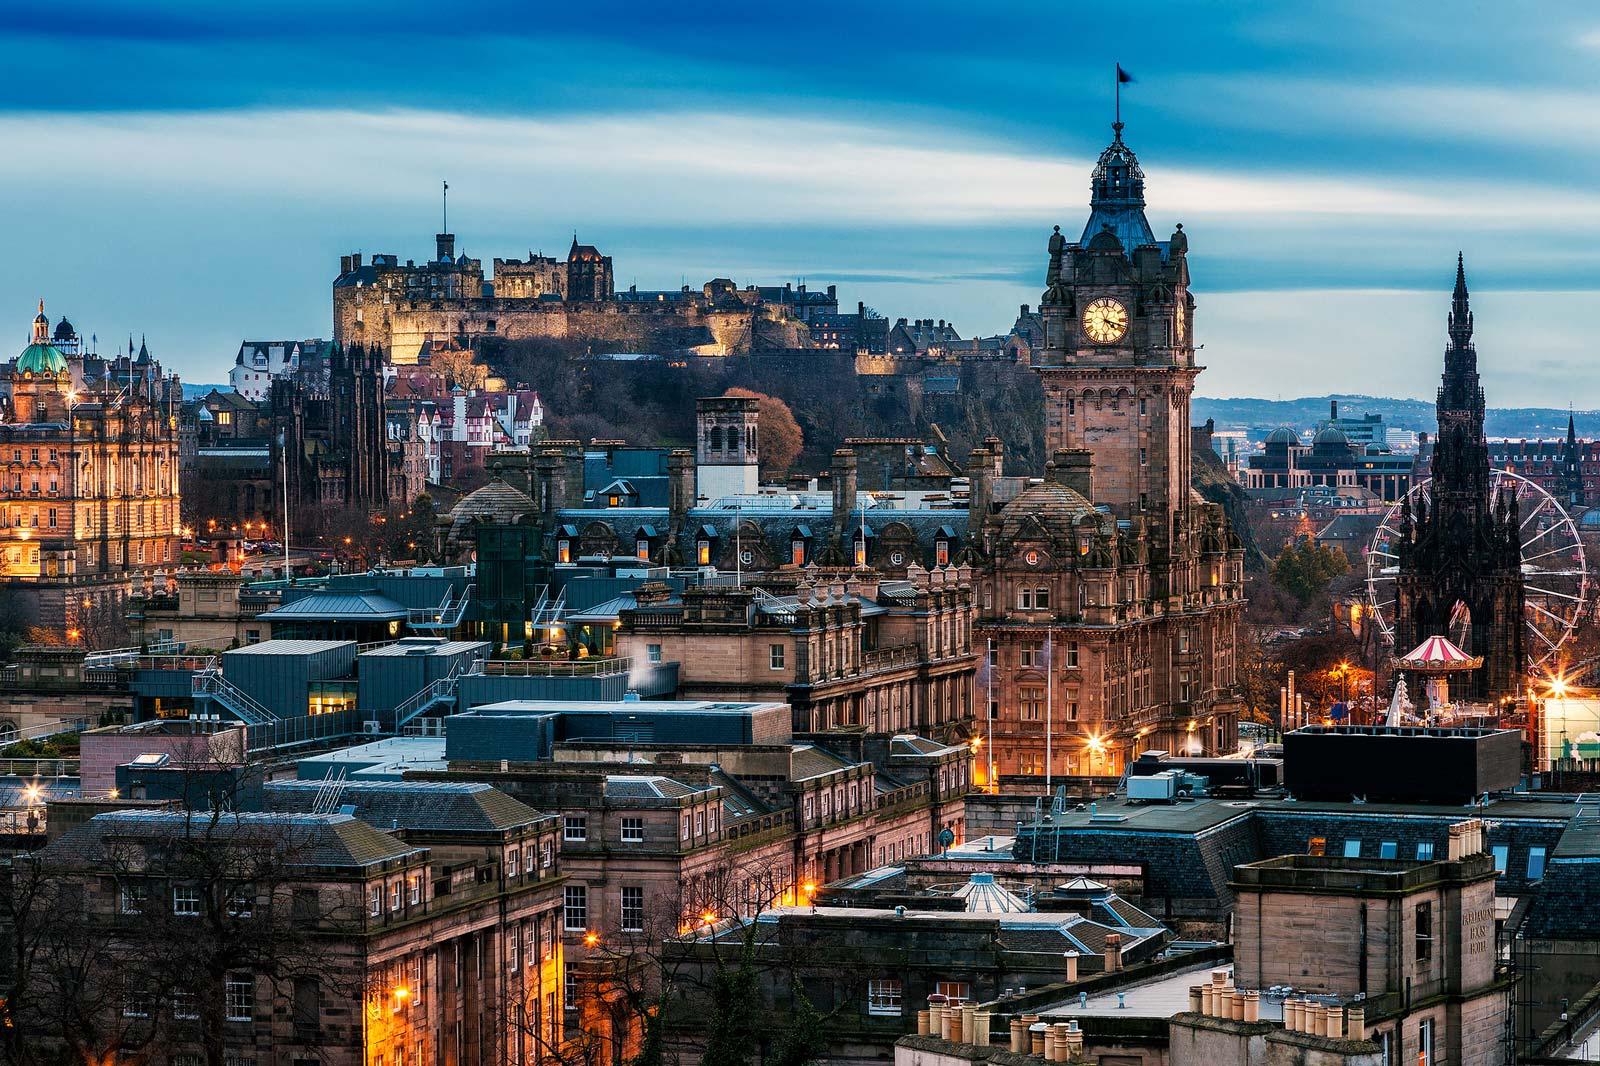 Стоимость жилья и недвижимости в Шотландии